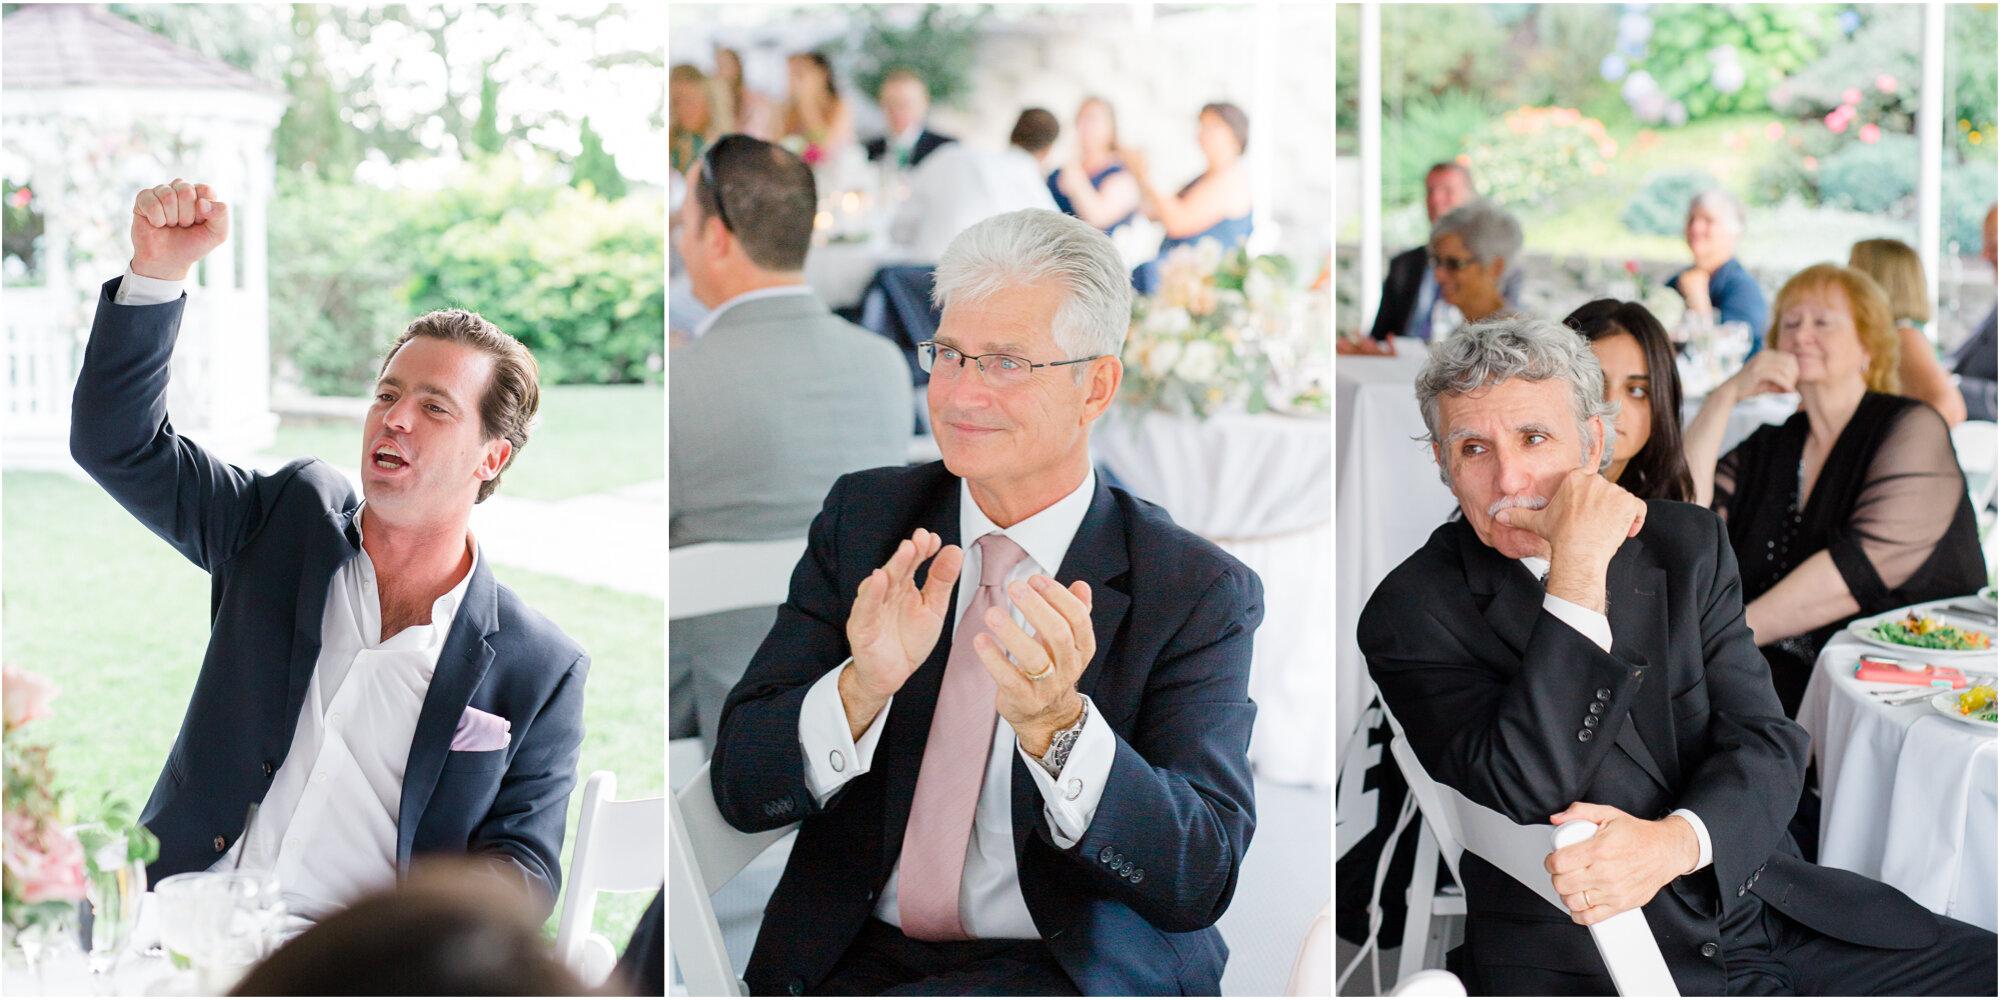 Luxury New England Wedding Photographer 14.jpg